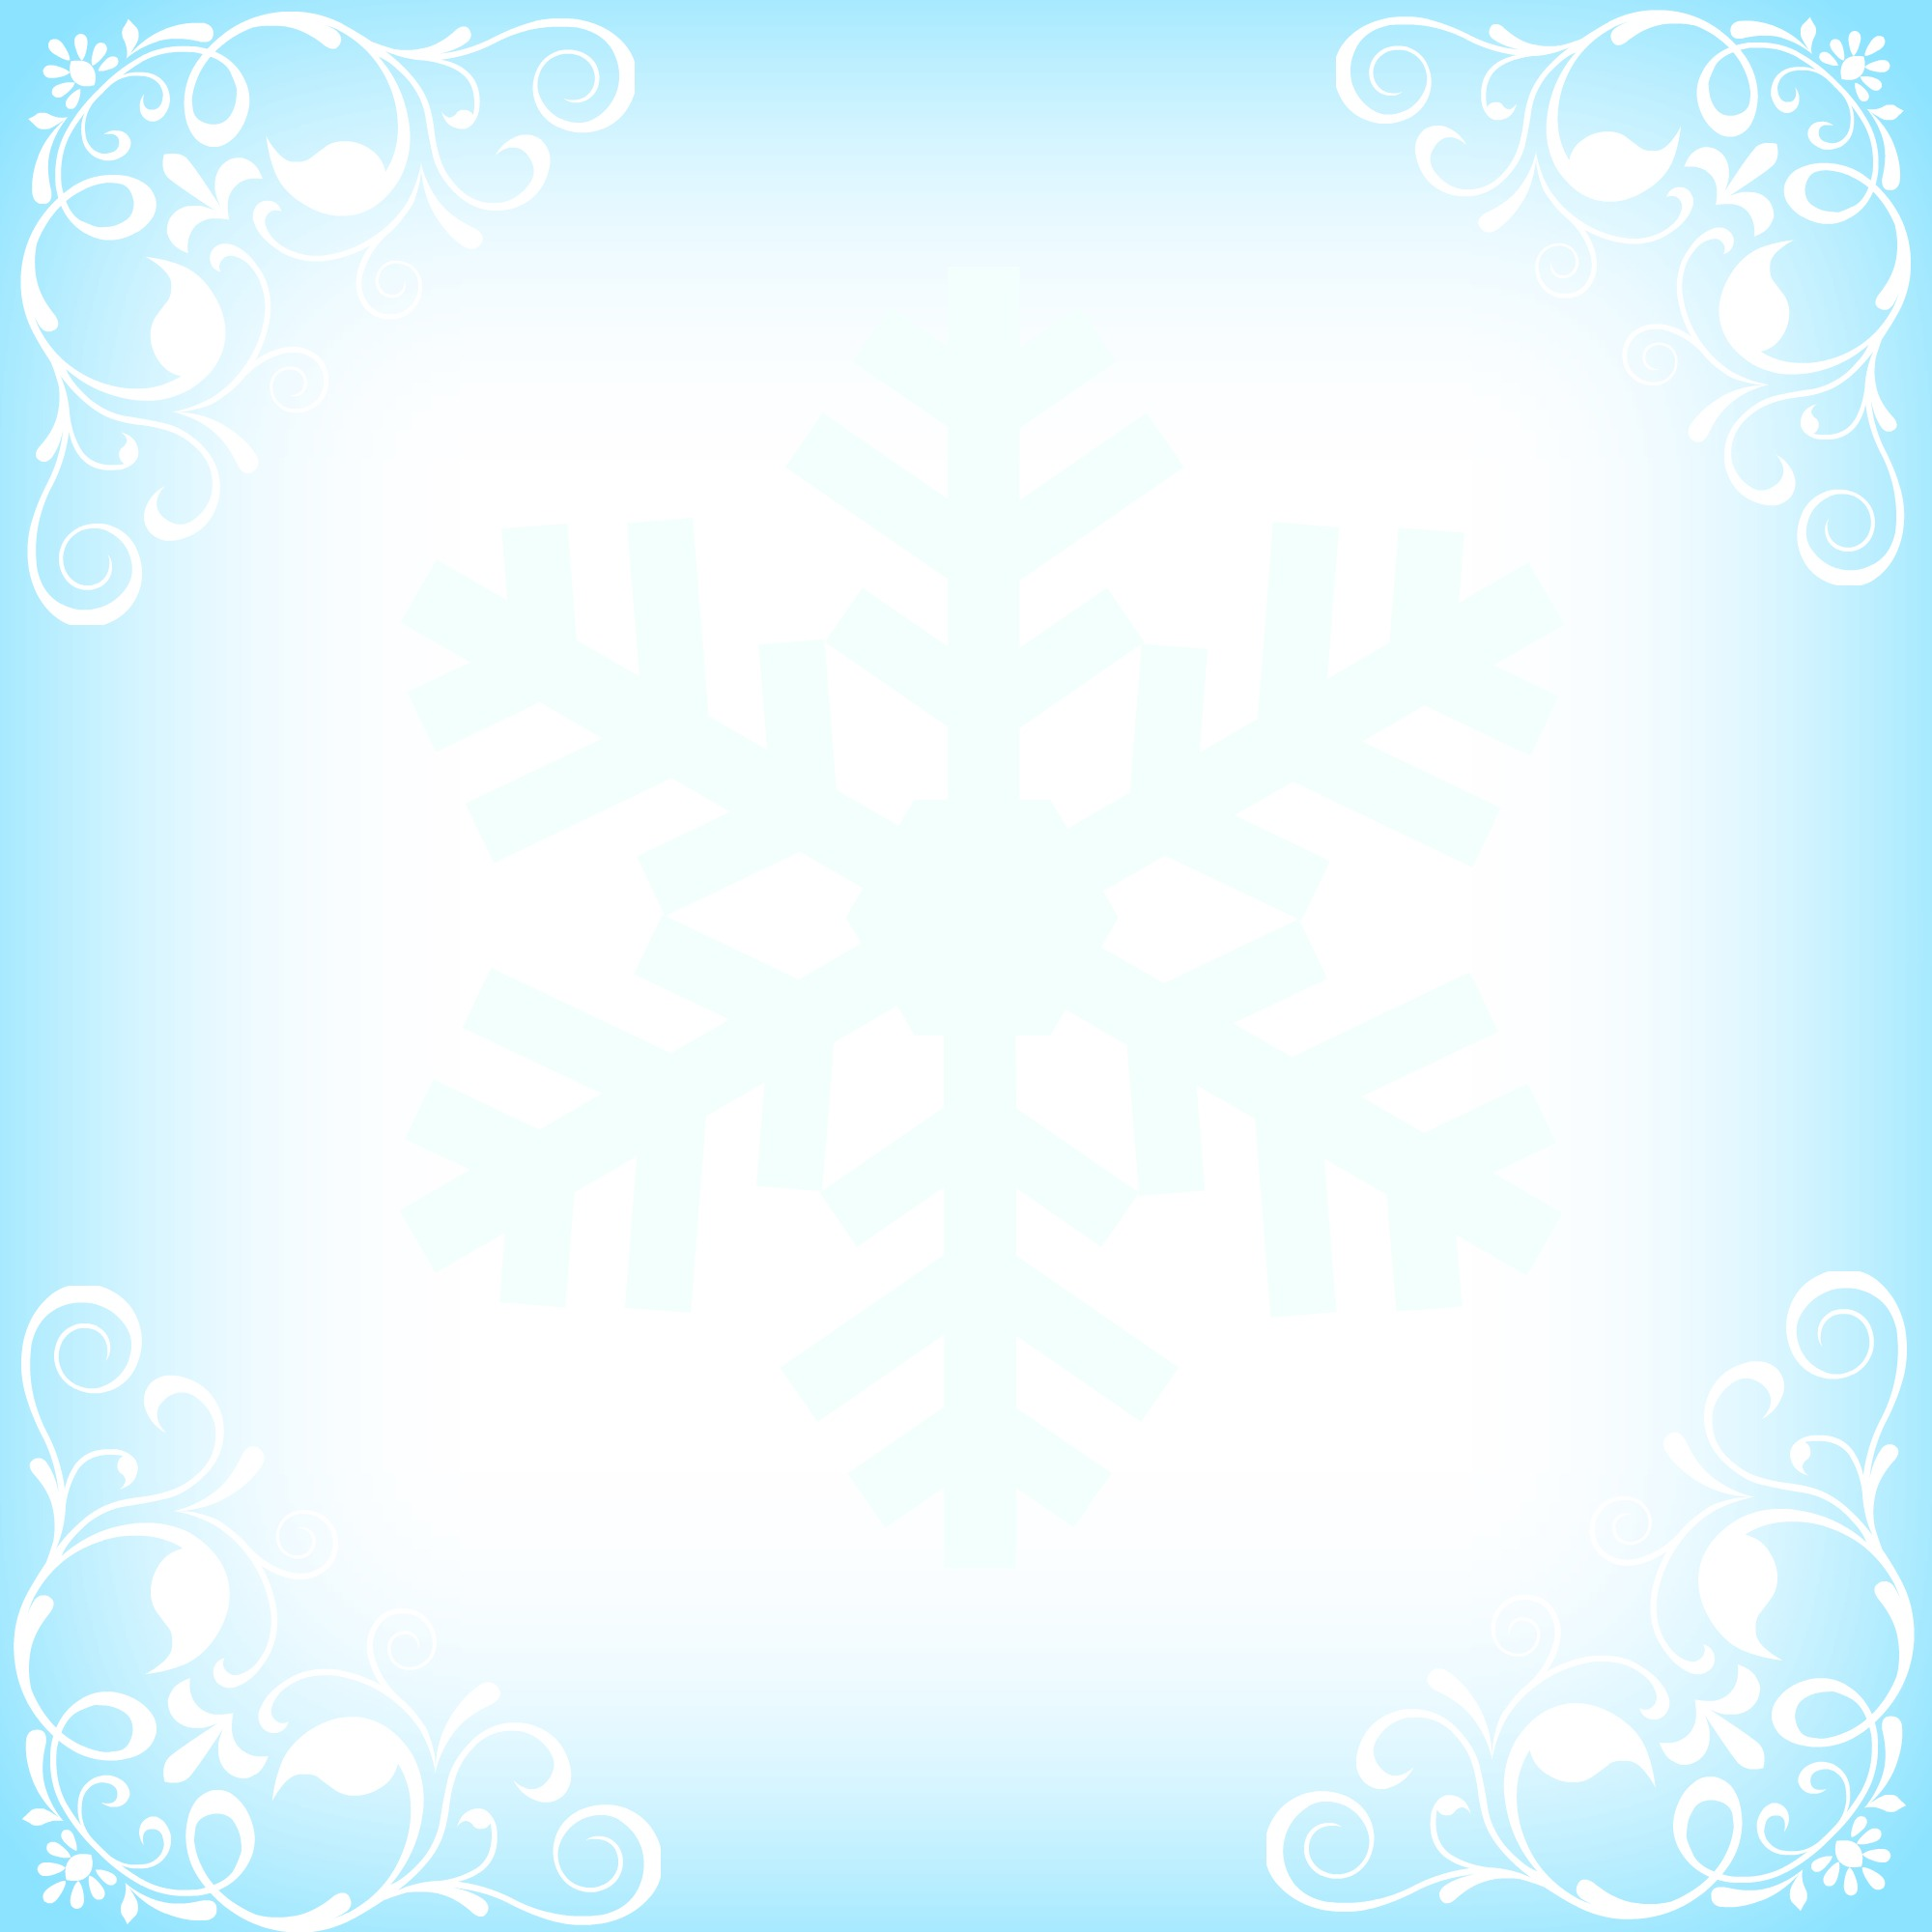 snowflakeCardorlabel